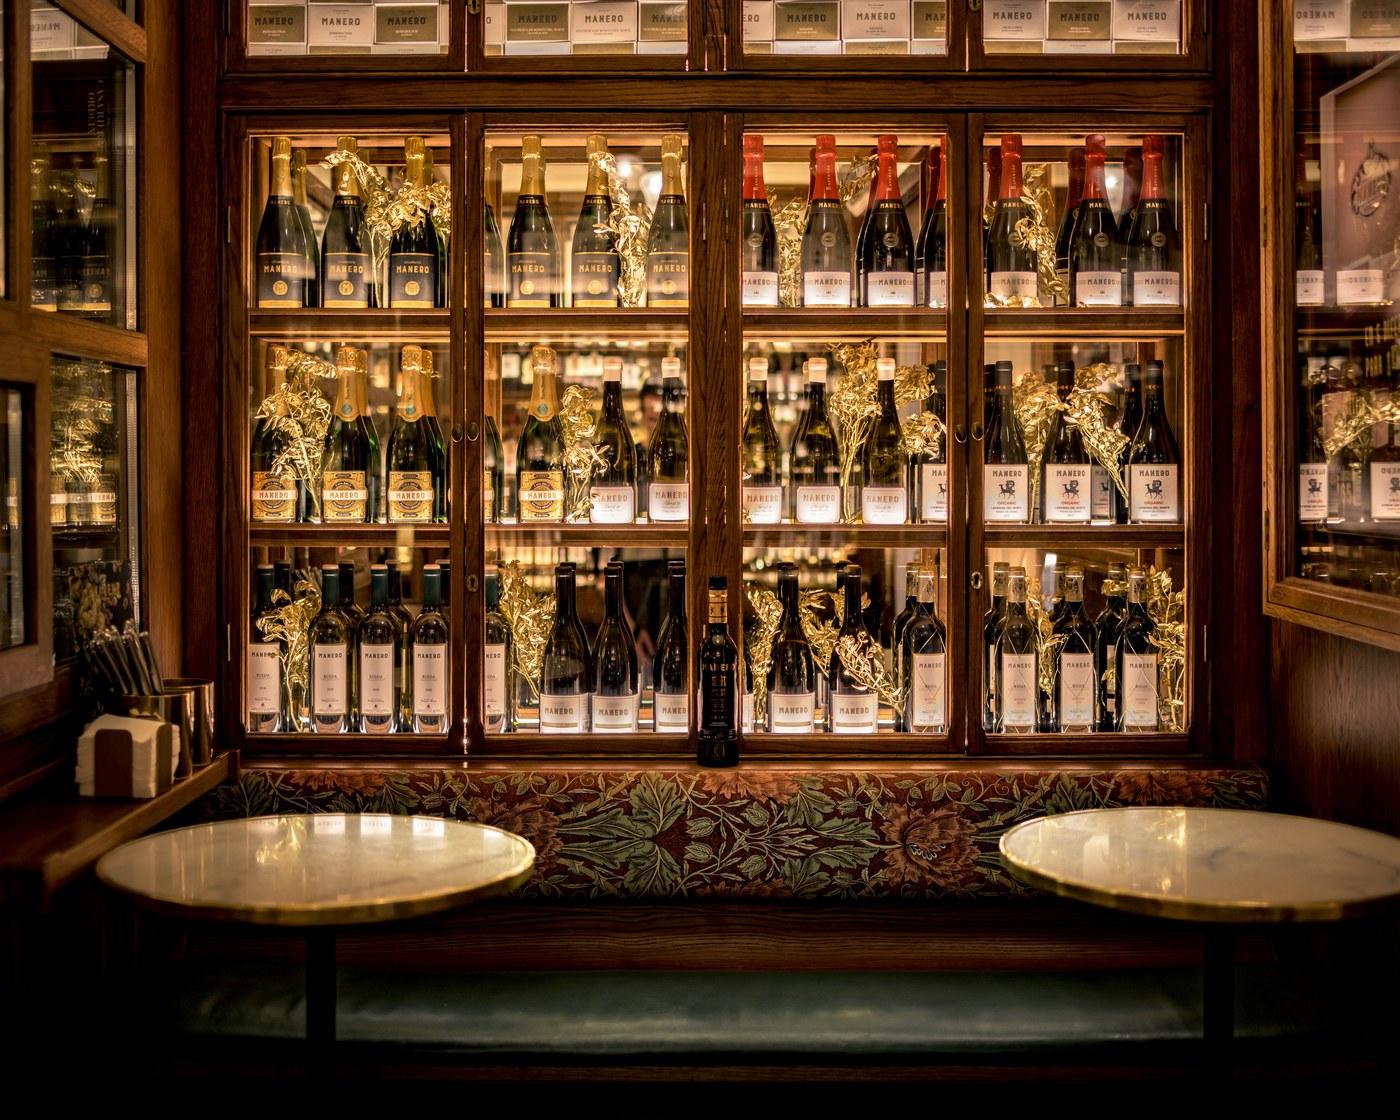 Vitrina con botellas en la entrada de Bar Manero Alicante